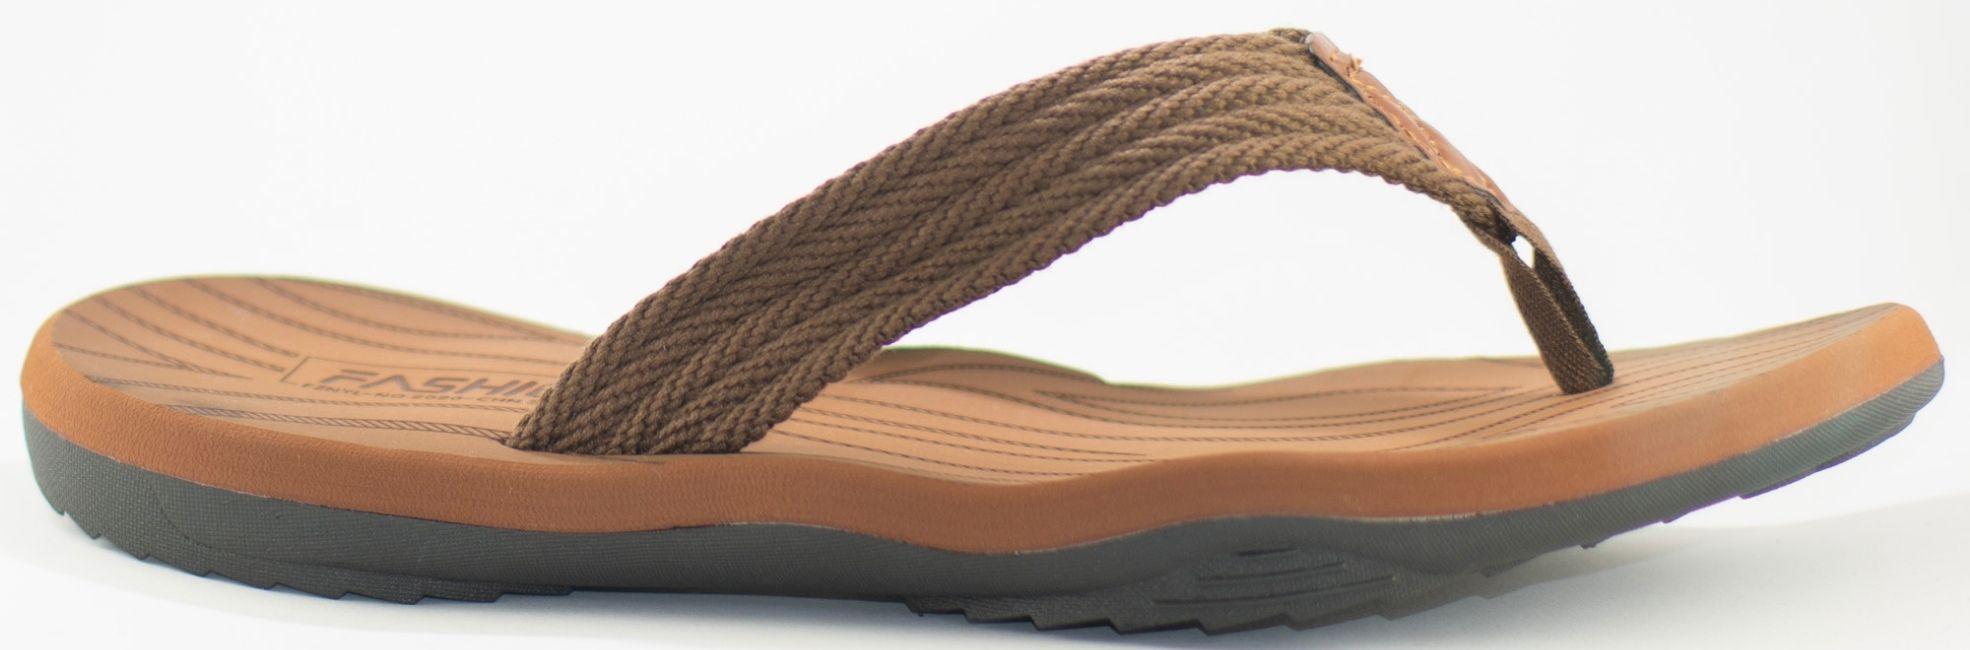 sandalia hombre verano